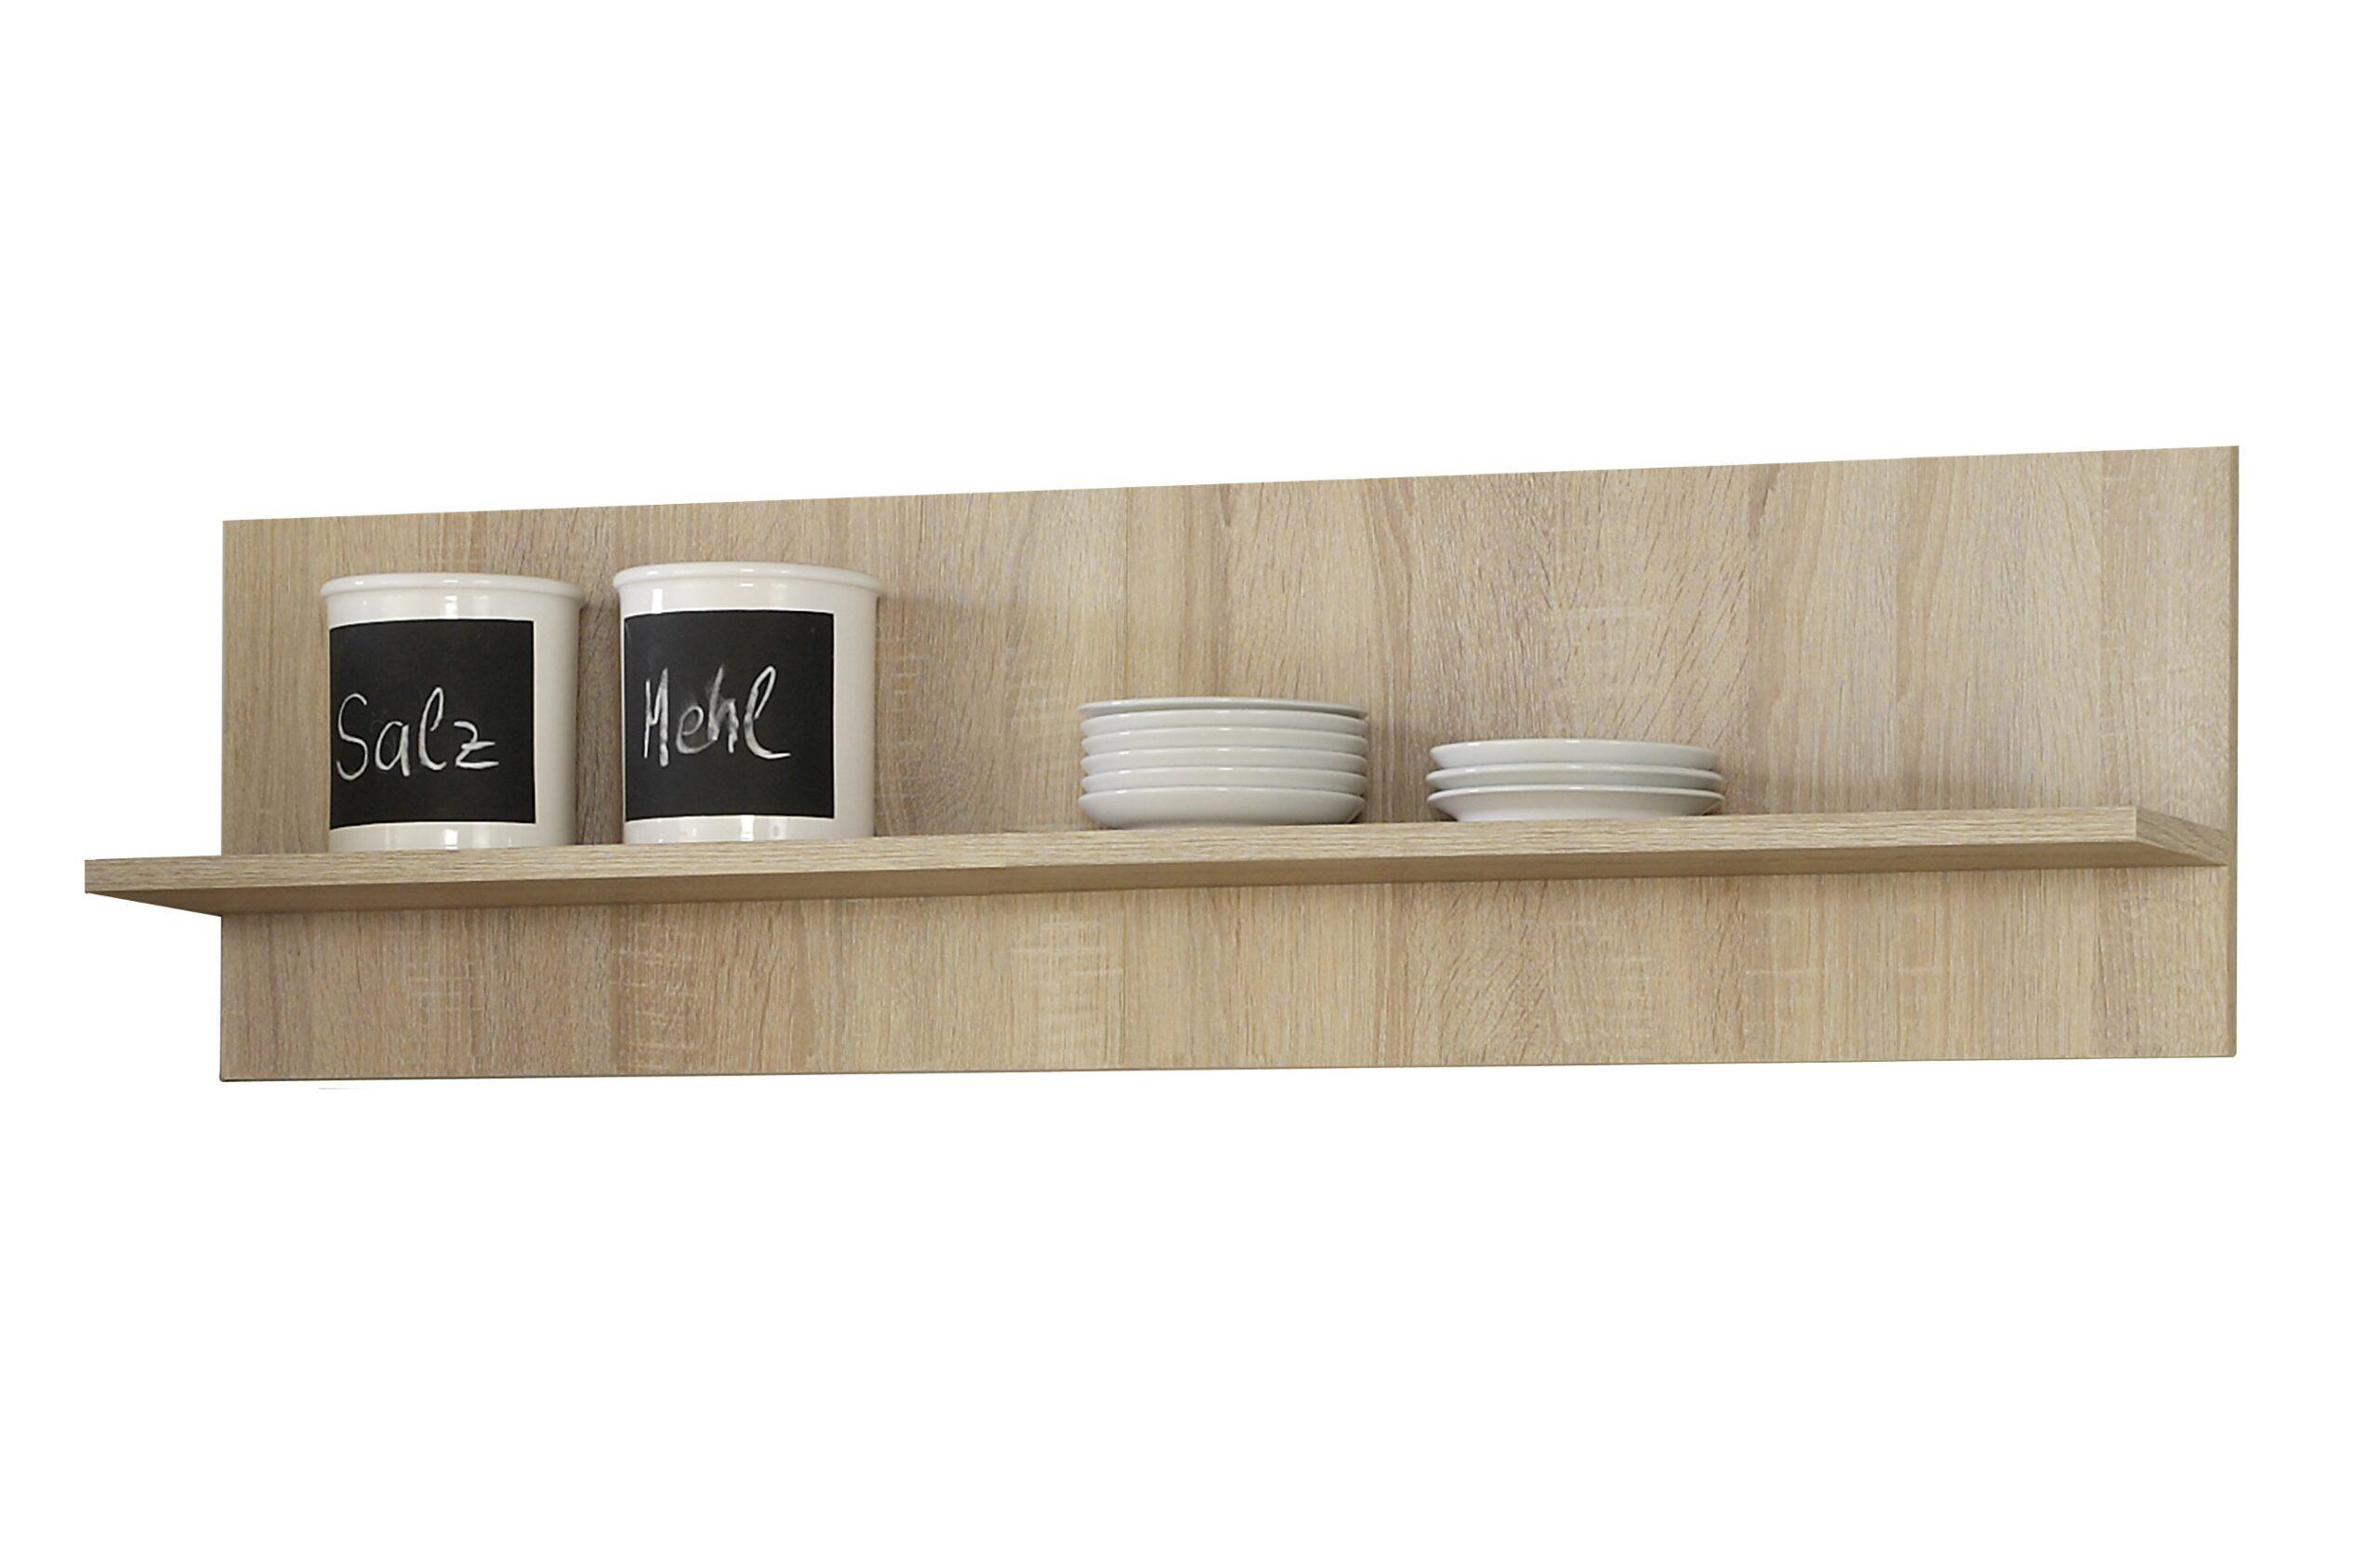 Full Size of Wandboard Küche Kchen Wandregal 1 Ablageflche 110 Cm Breit Eiche Sonoma Wandpaneel Glas Vinyl Armatur Bodenbelag Ebay Einbauküche Pendelleuchte Mit Wohnzimmer Wandboard Küche